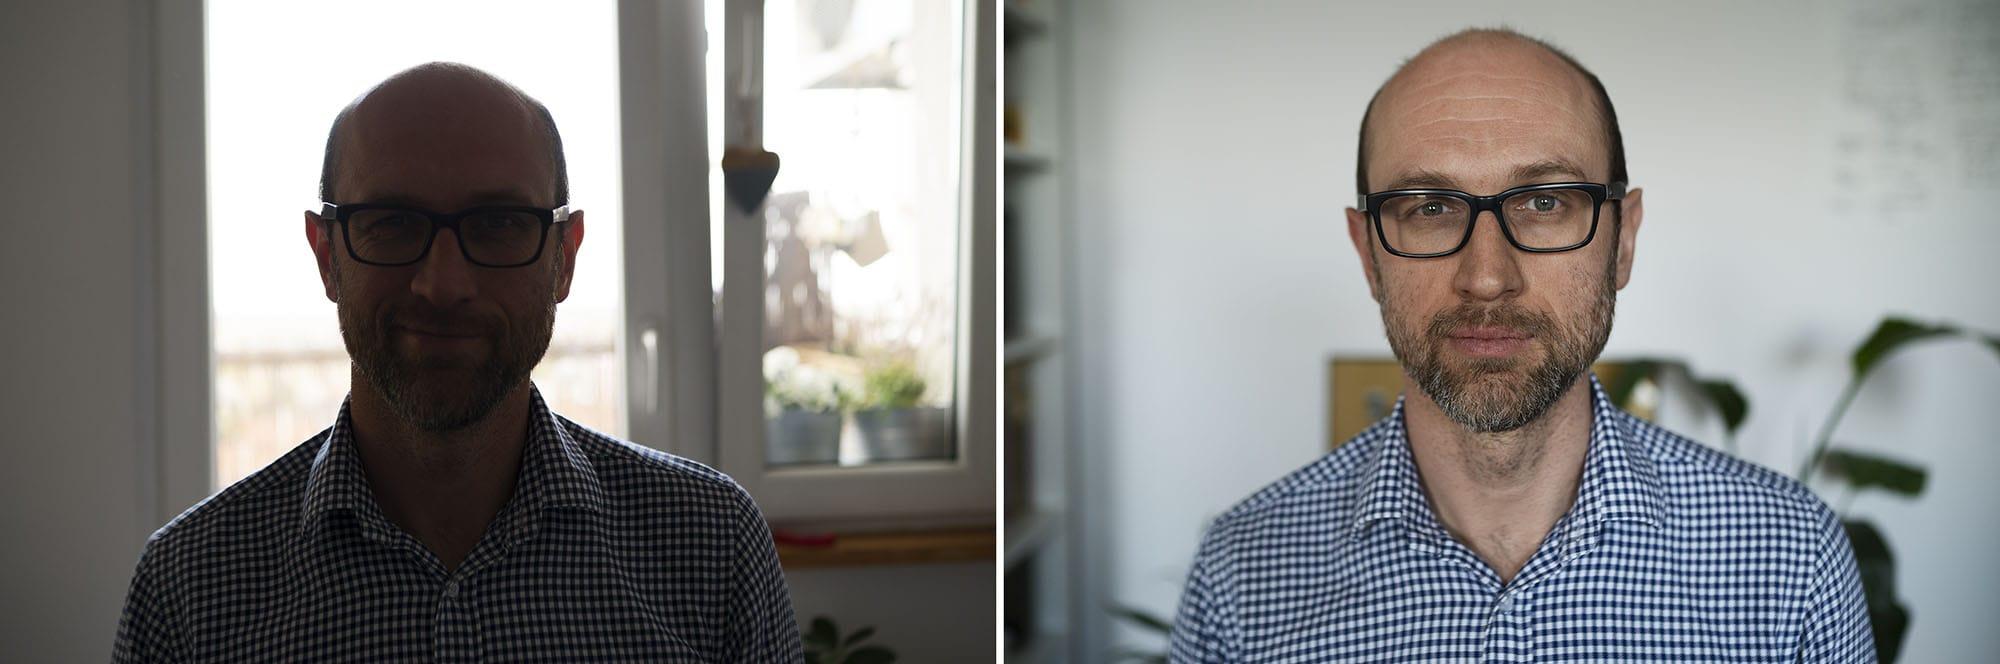 jak wyglądać korzystnie podczas rozmowy wideo i wideokonferencji